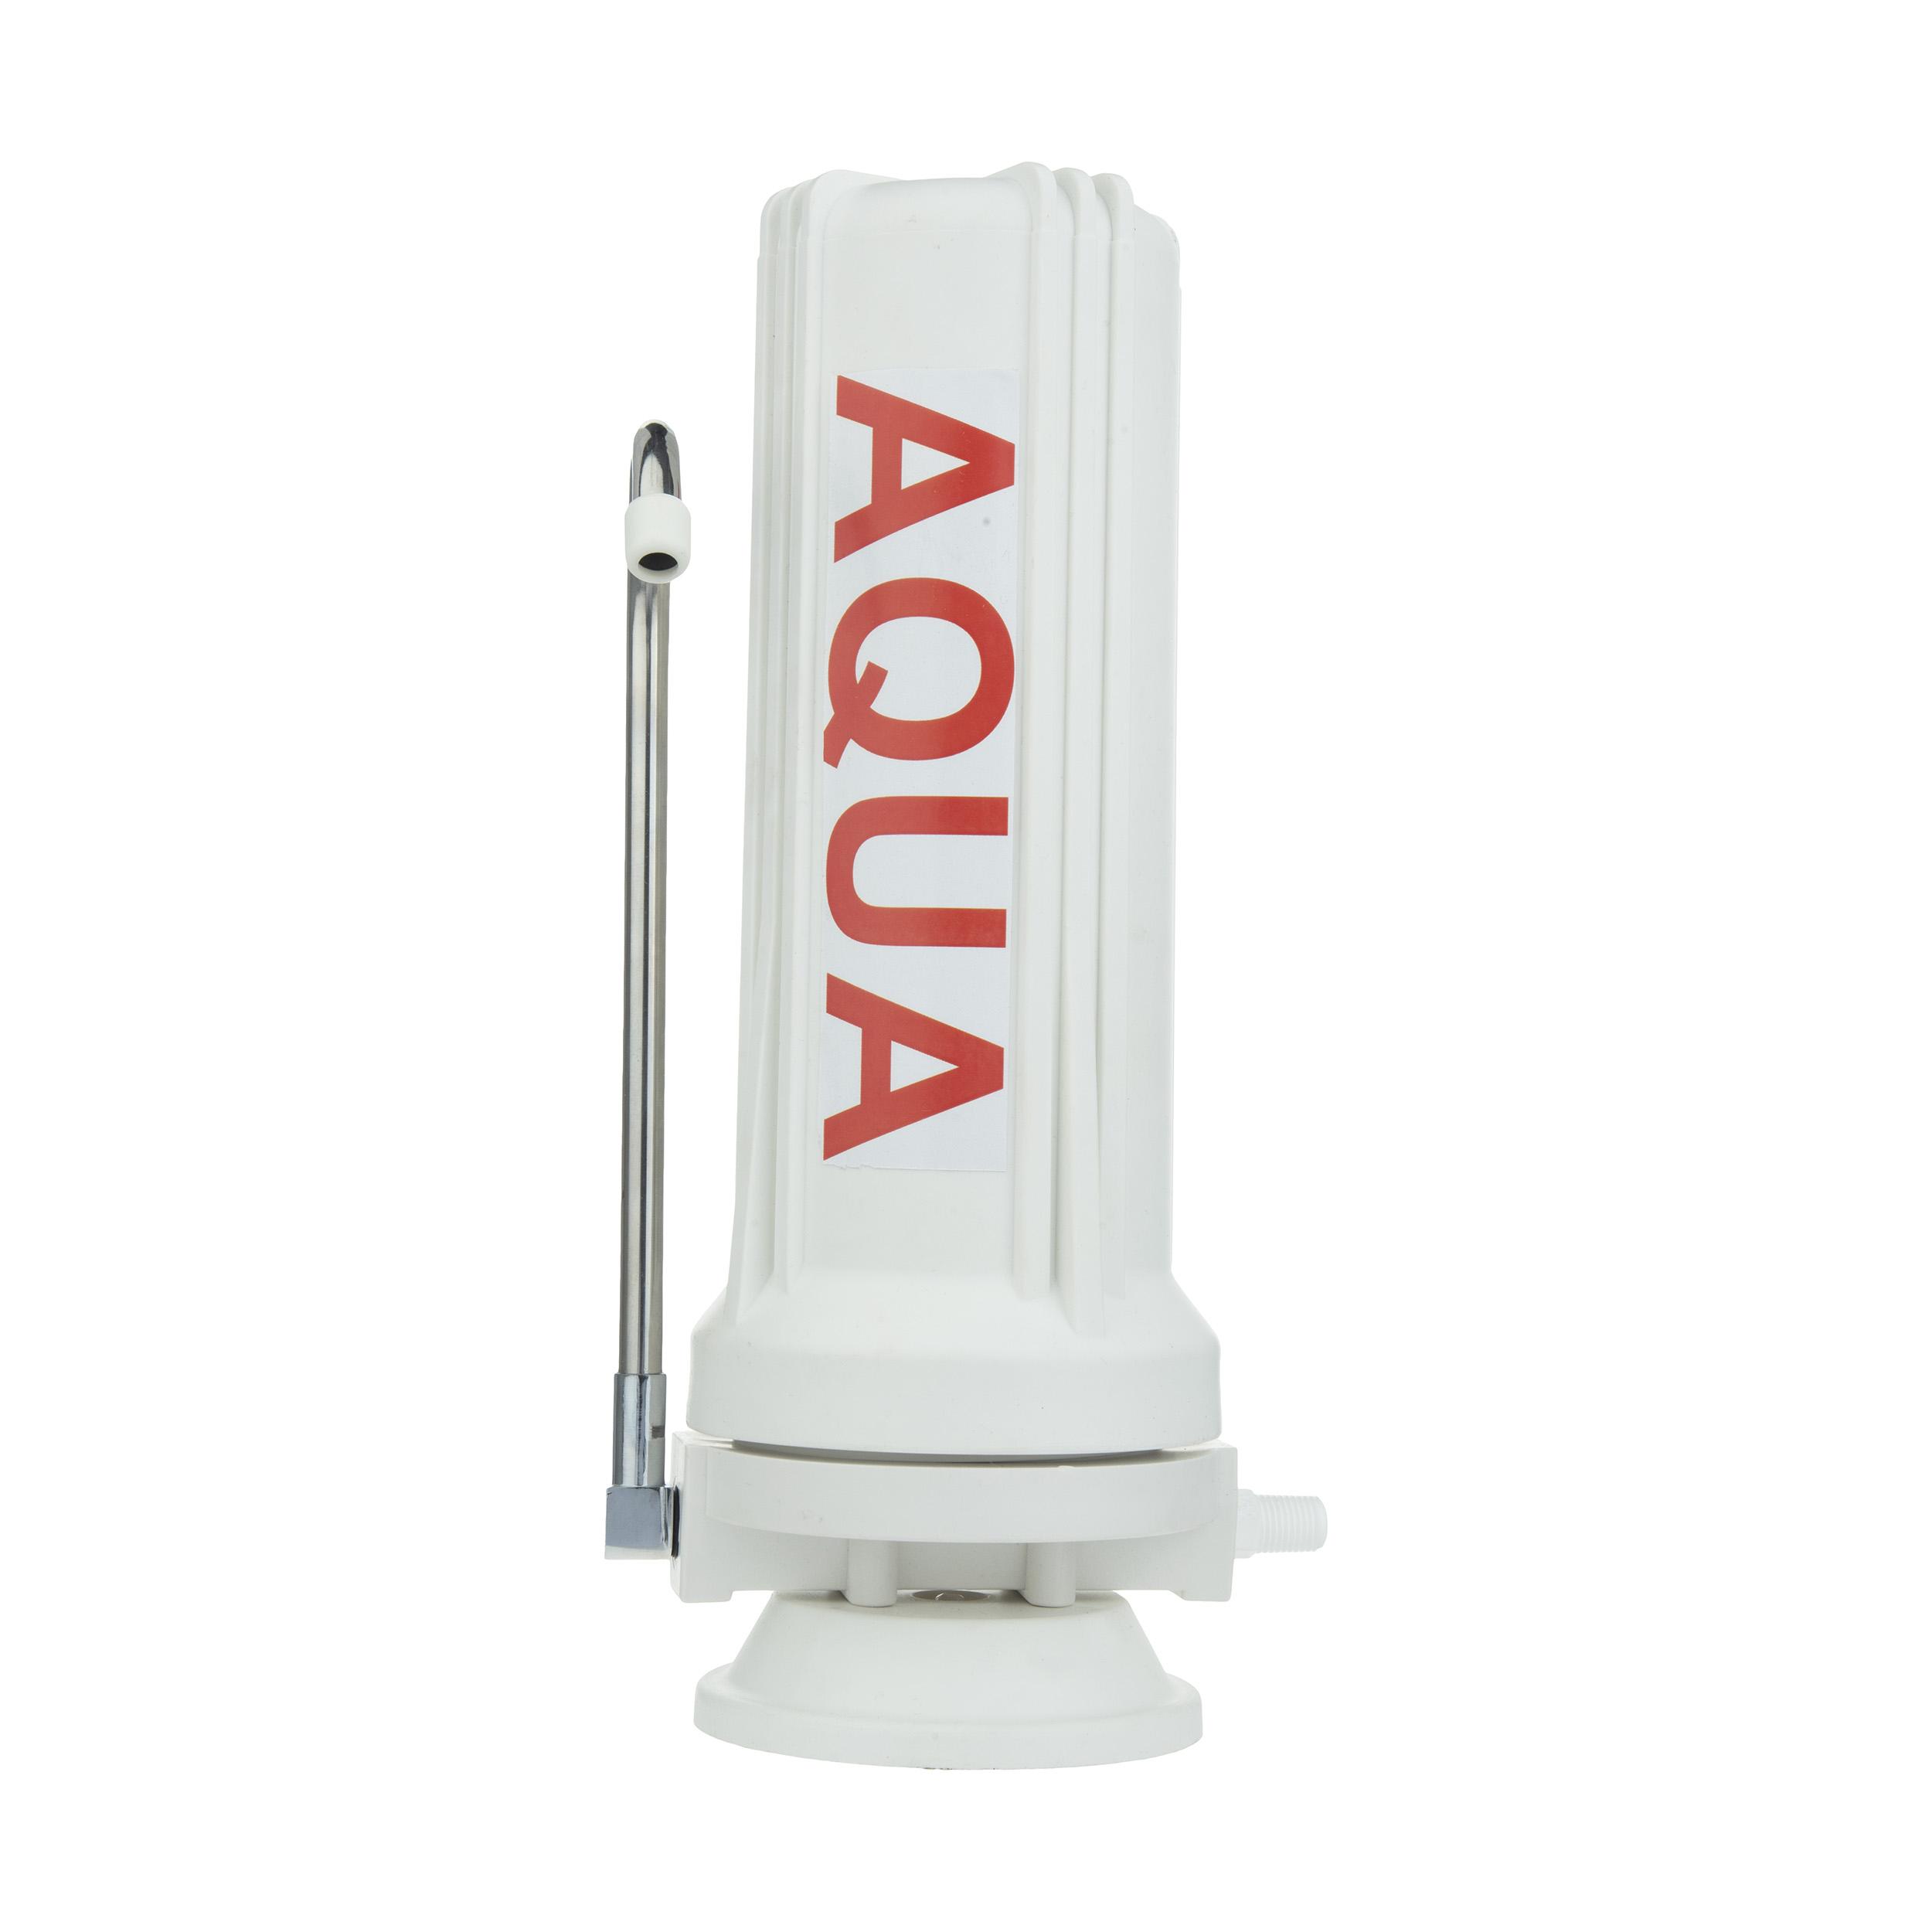 دستگاه تصفیه کننده آب آکوا مدل CTF1